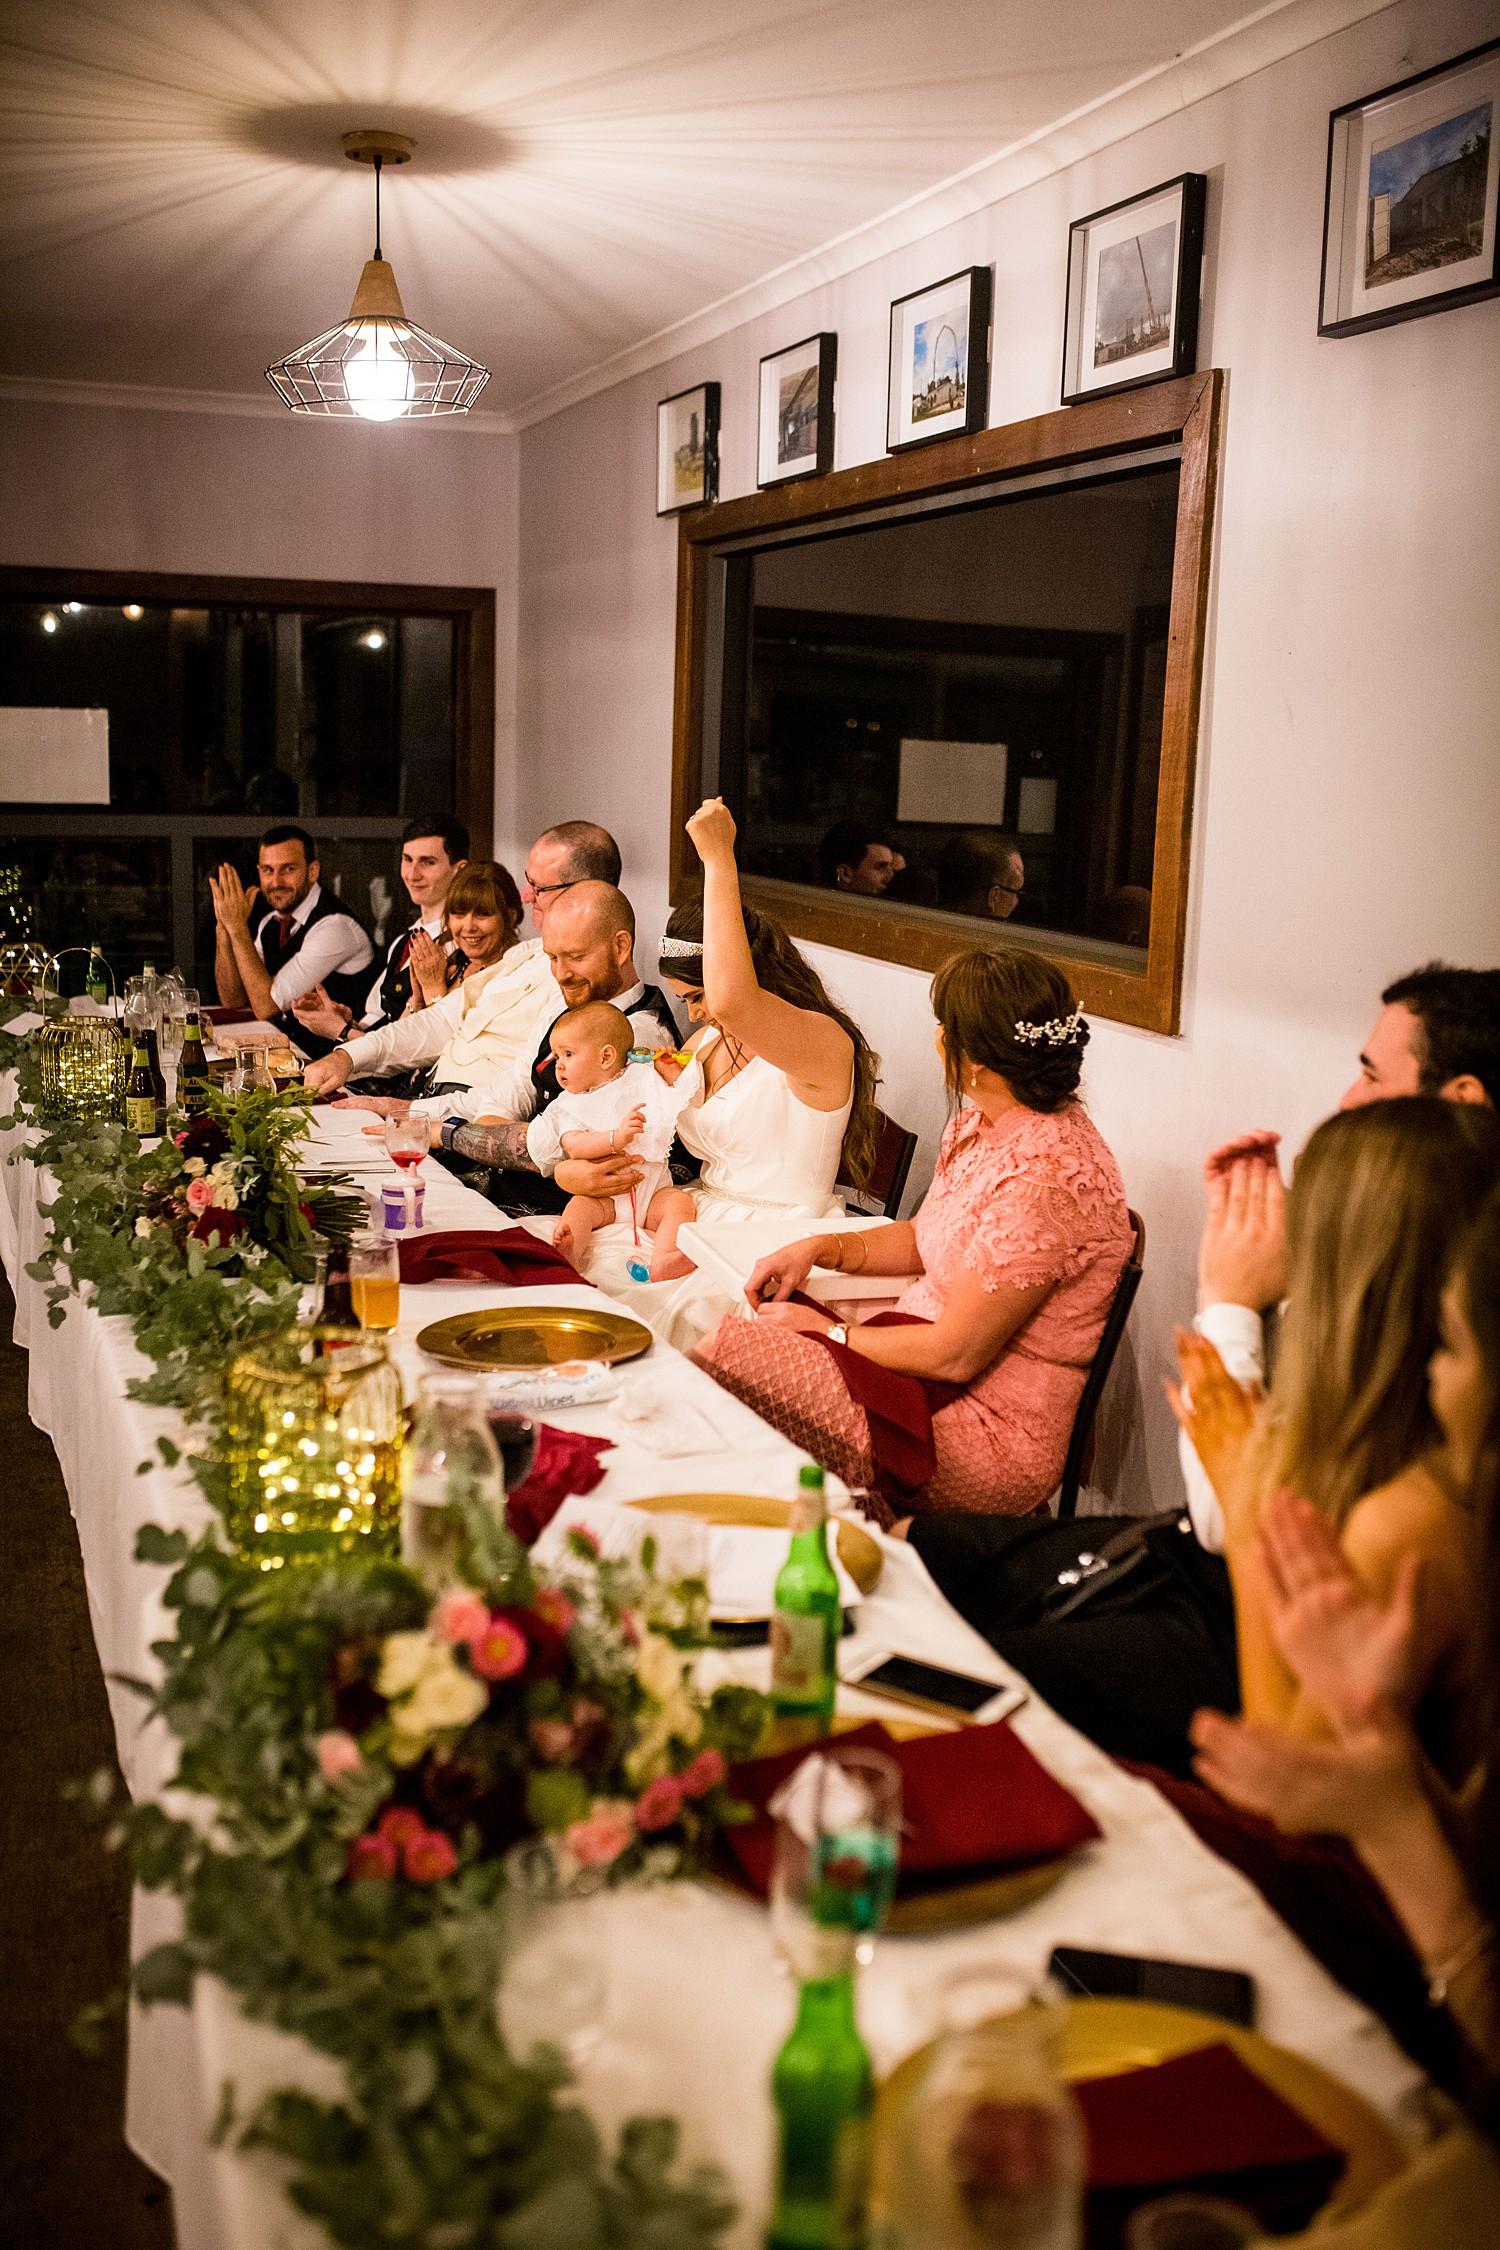 perth_swan_valley_scottish_rainy_wedding_0127.jpg